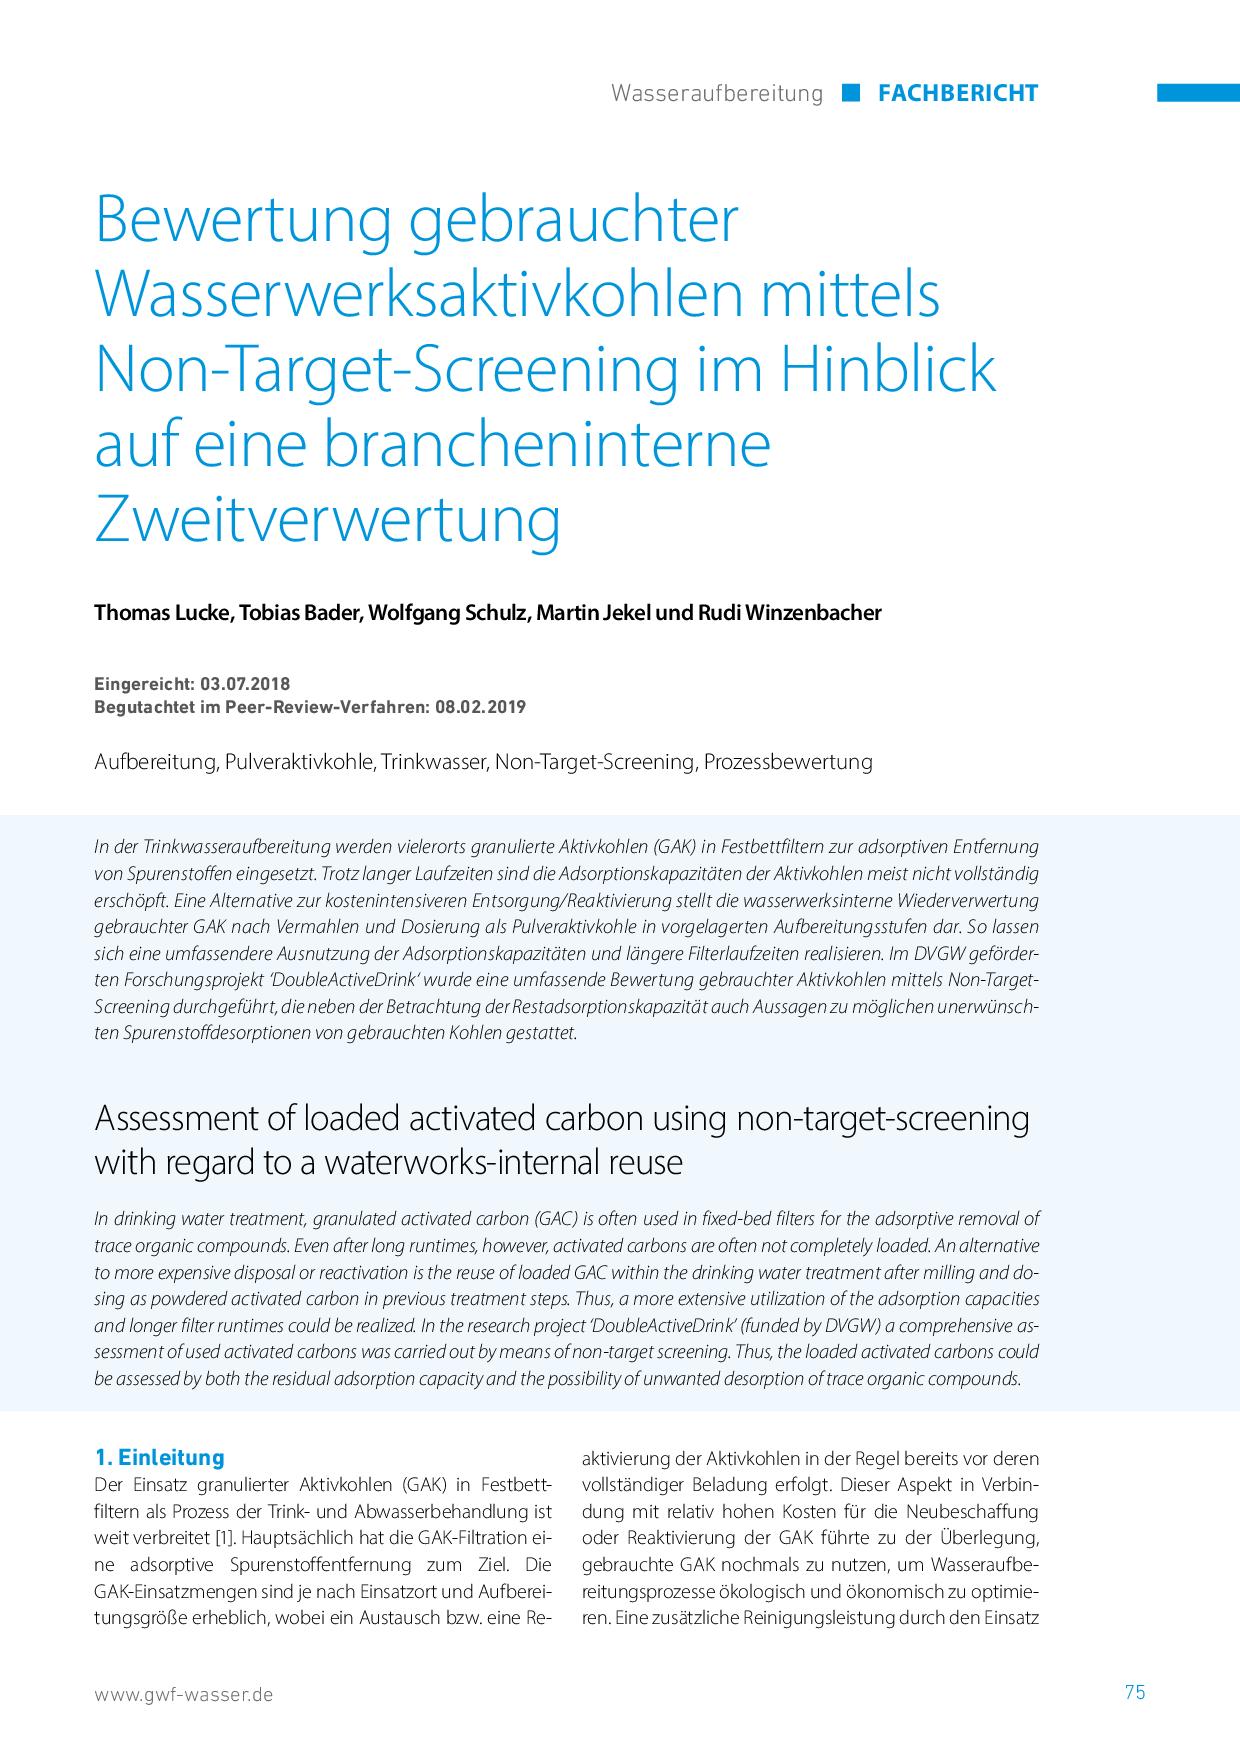 Bewertung gebrauchter Wasserwerksaktivkohlen mittels Non-Target-Screening im Hinblick auf eine brancheninterne Zweitverwertung